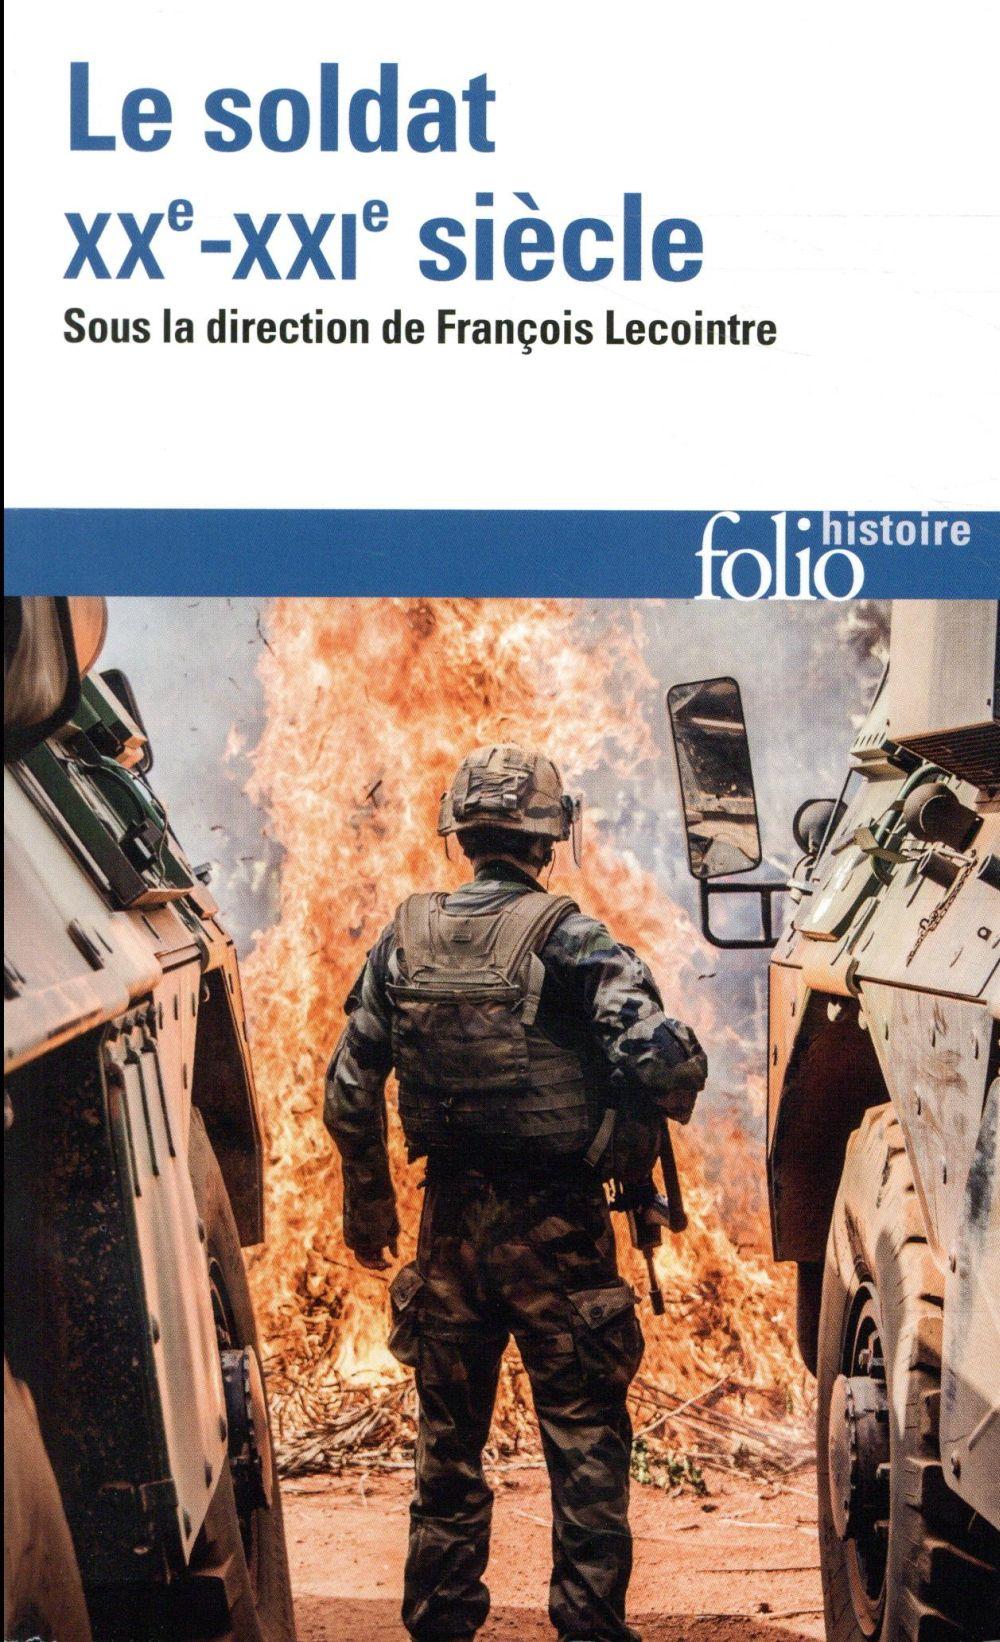 Le soldat, XXe-XXIe siècle